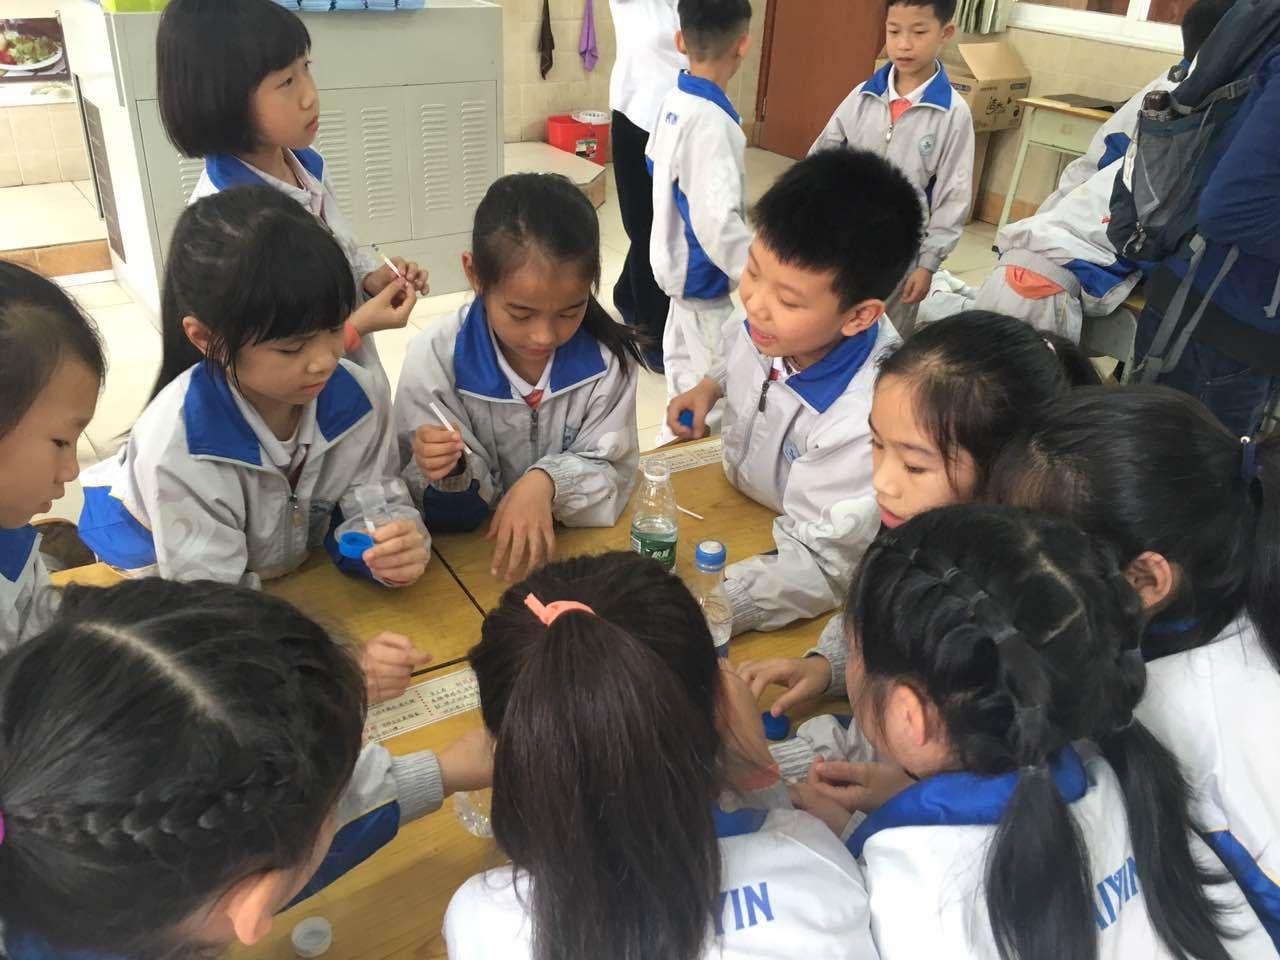 【三乡】水质监测中心走进纪中三鑫凯茵小学,不来调查而是...